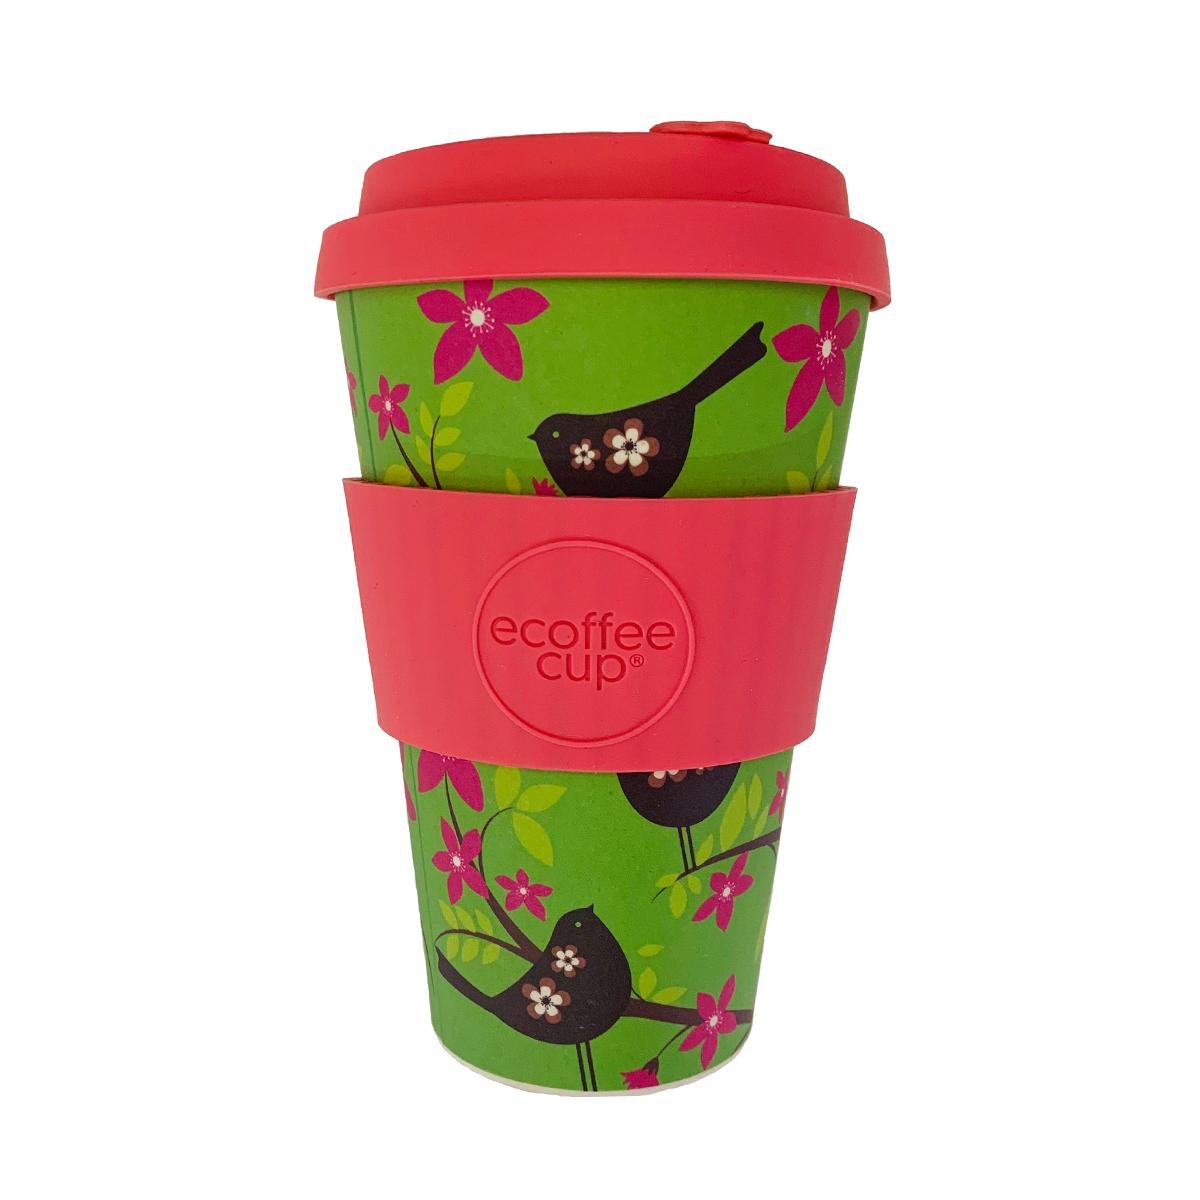 エコーヒーカップ|Wilddlebirdy